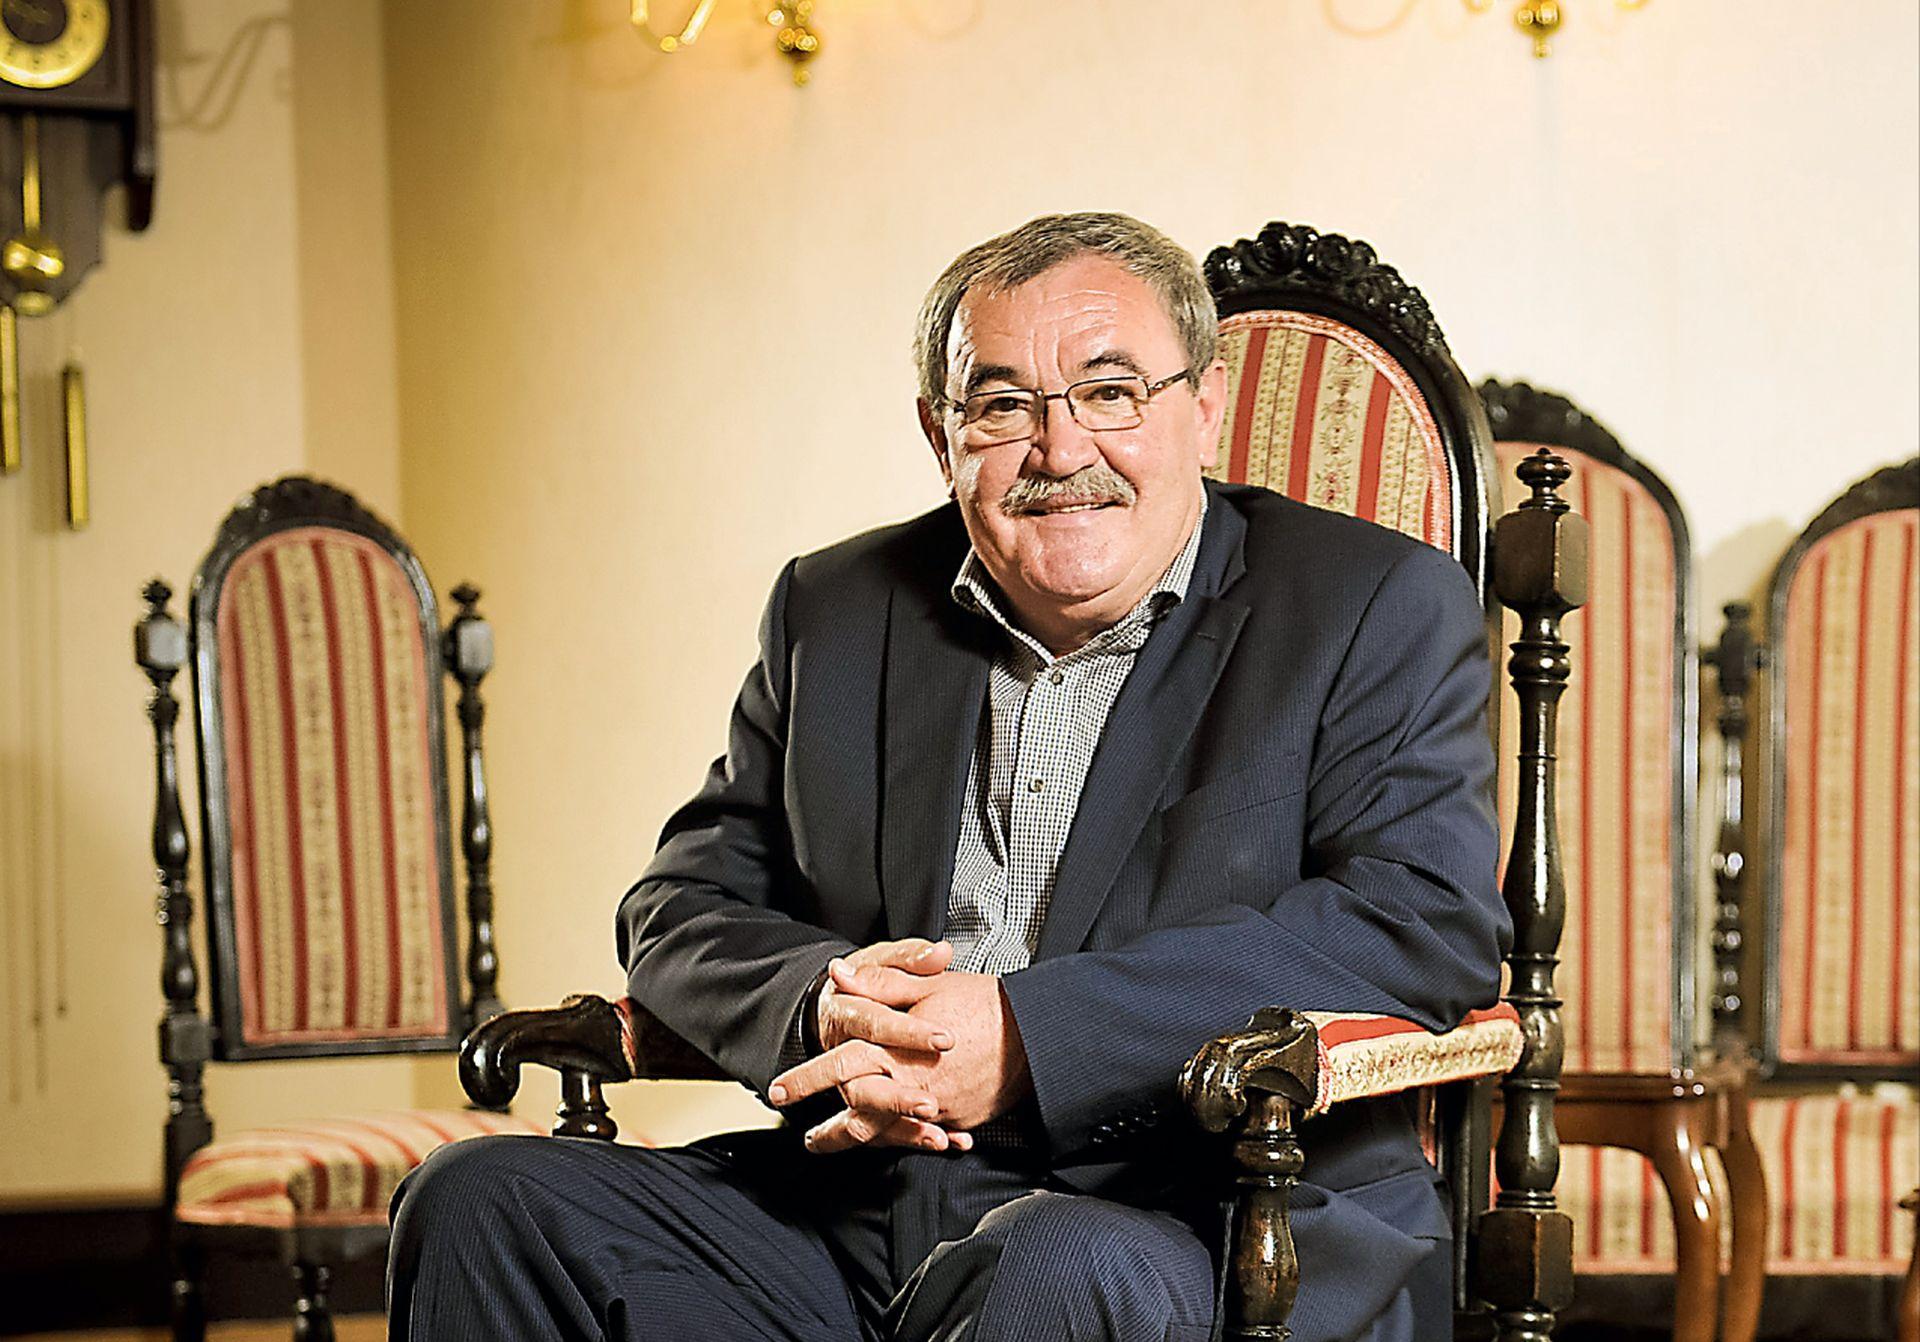 FELJTON: TUĐMAN MI JE REKAO: 'Četnici će u Srbiji vjerojatno biti rehabilitirani, a ustaše u Hrvatskoj nikada'